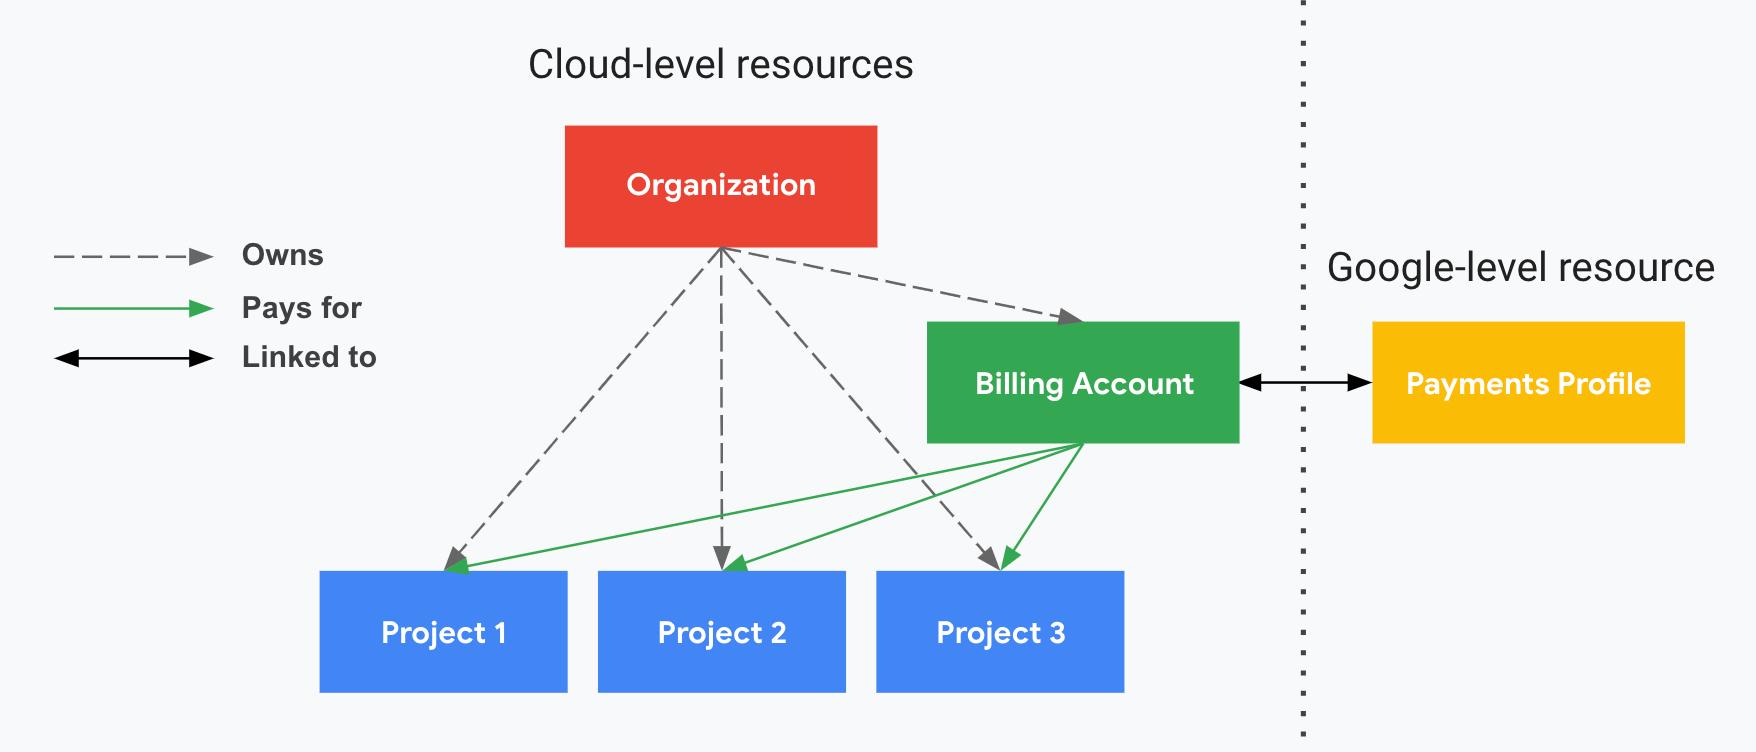 说明了项目与您的 Cloud Billing 帐号、组织以及您的付款资料之间的关系。一侧显示了您的 Cloud 级资源(组织、Cloud Billing 帐号和关联项目),另一侧显示了您的 Google 级资源(付款资料),两侧由垂直虚线分隔。您的项目由您的 Cloud Billing 帐号支付,该帐号已与您的付款资料关联。组织使用 IAM 控制所有权。